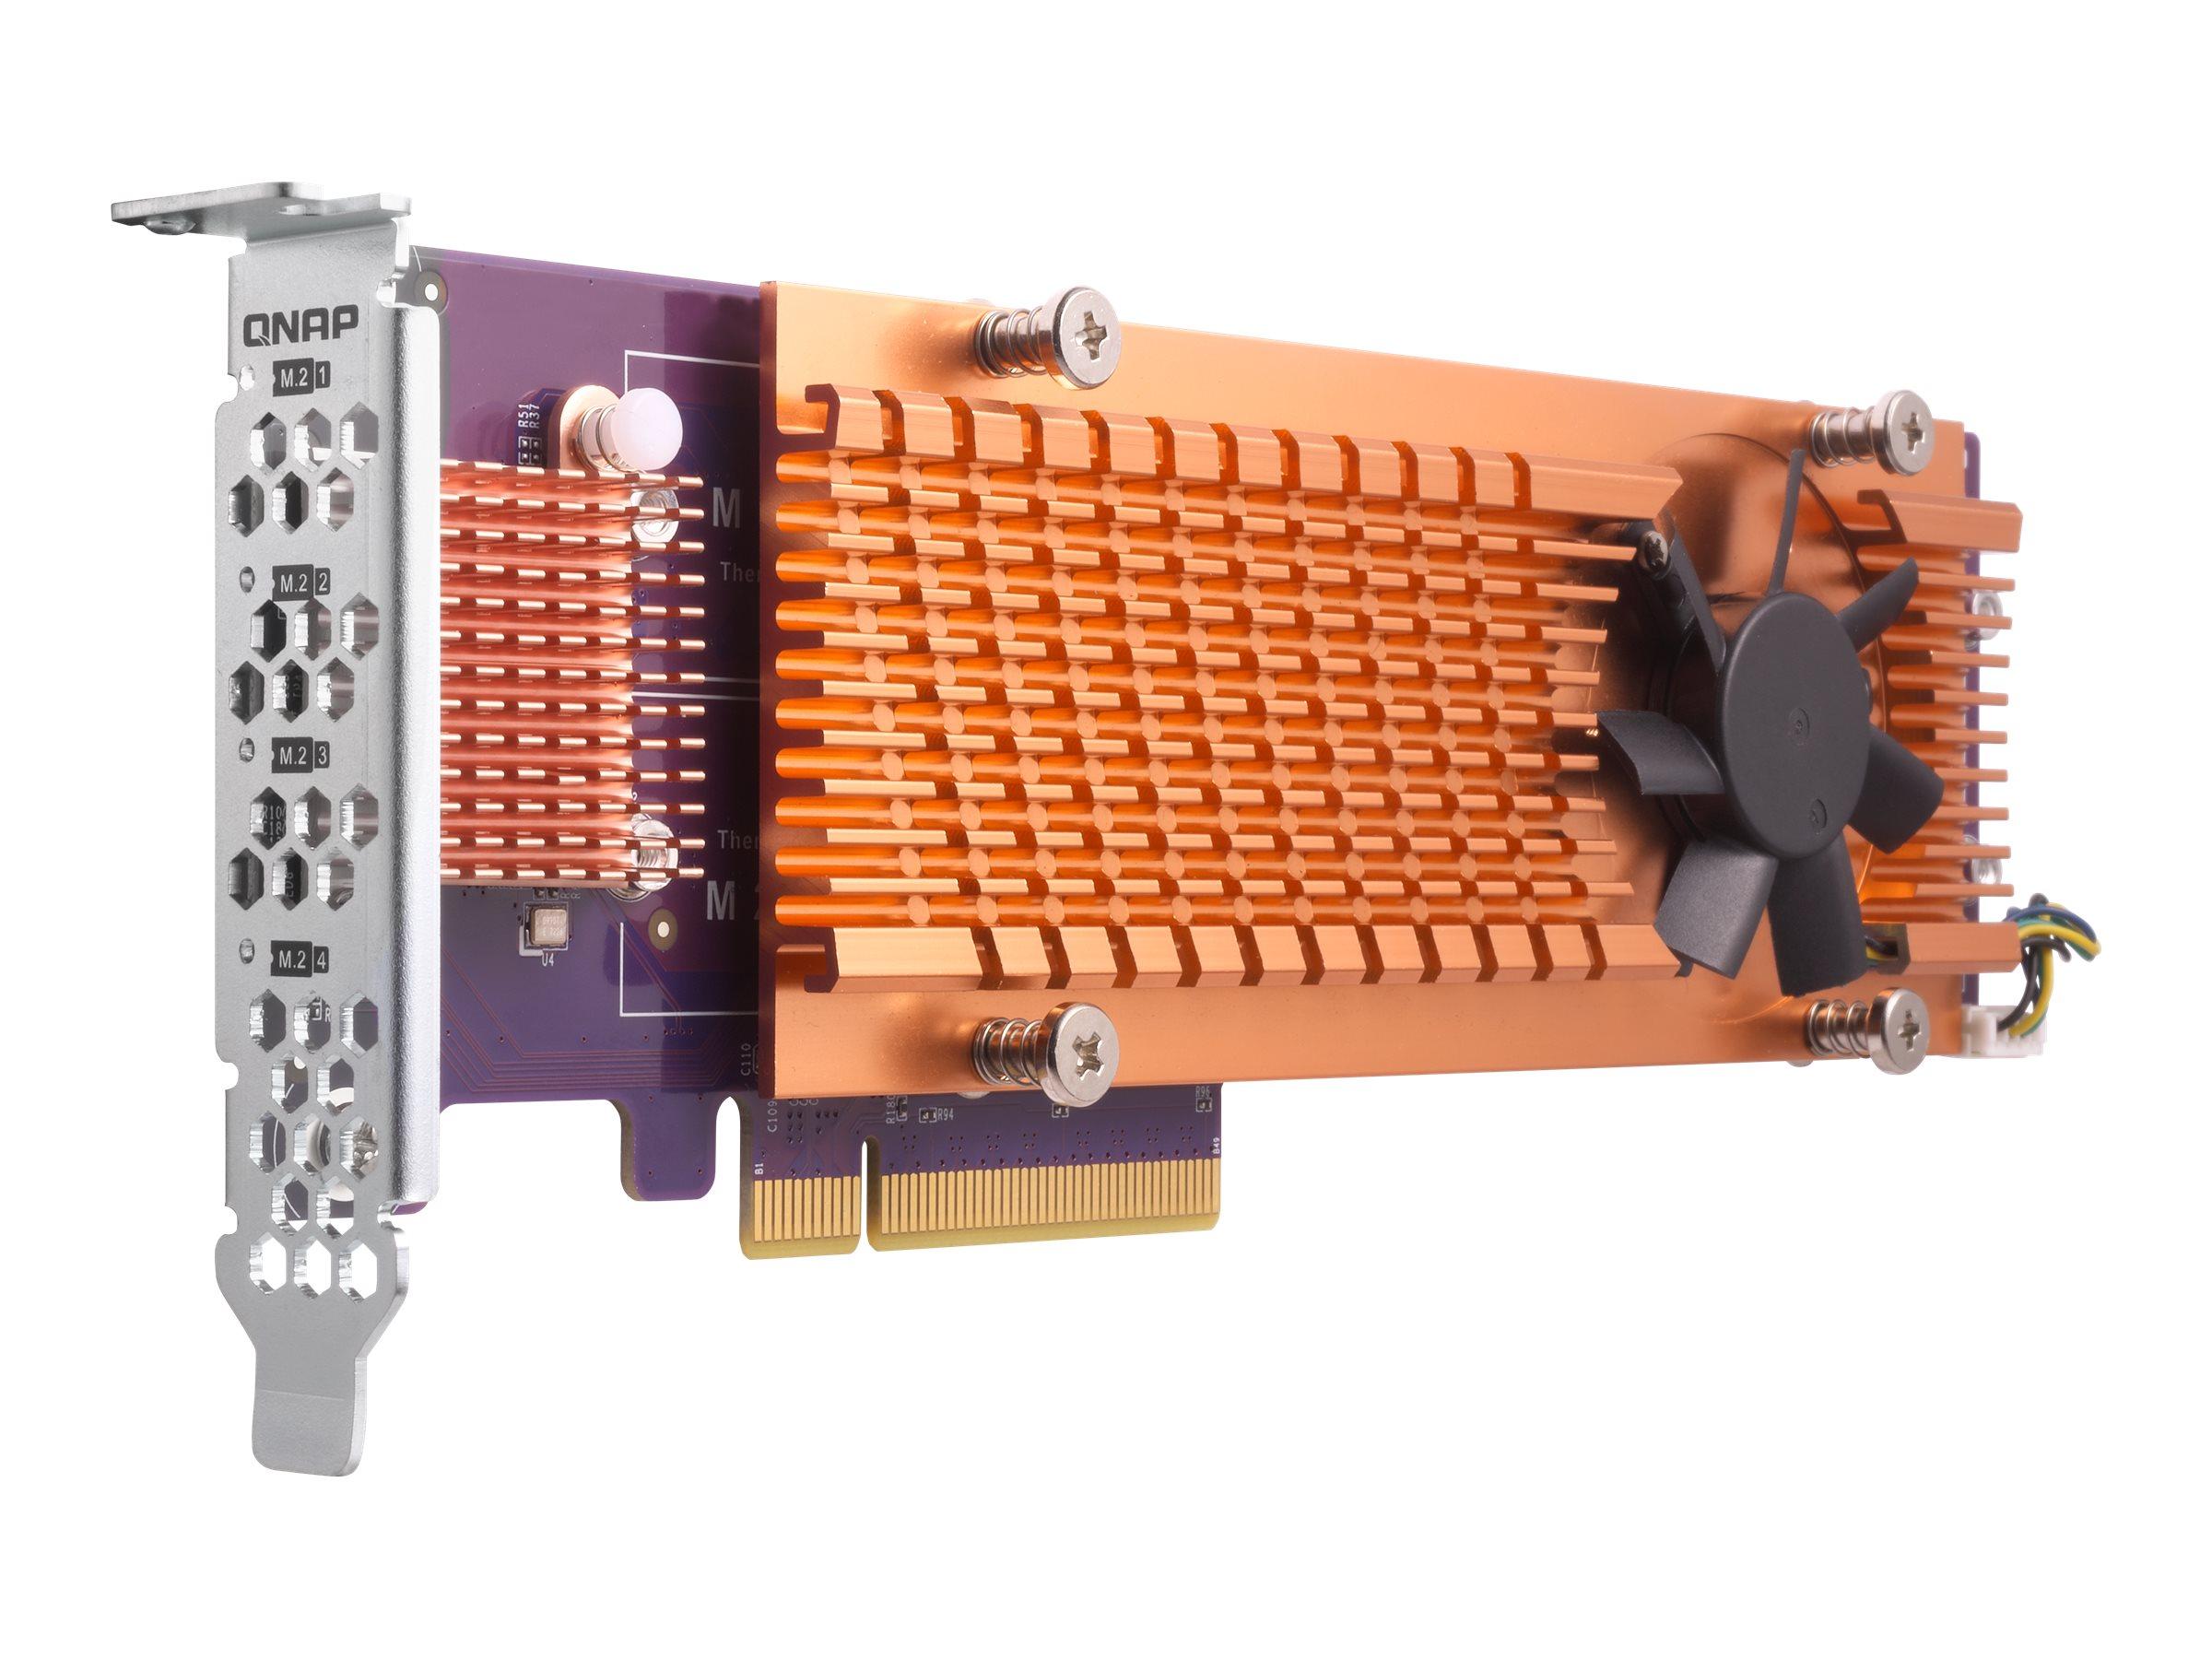 QNAP QM2-4P-384 - Speicher-Controller - PCIe 3.0 Low-Profile - PCIe 3.0 x8